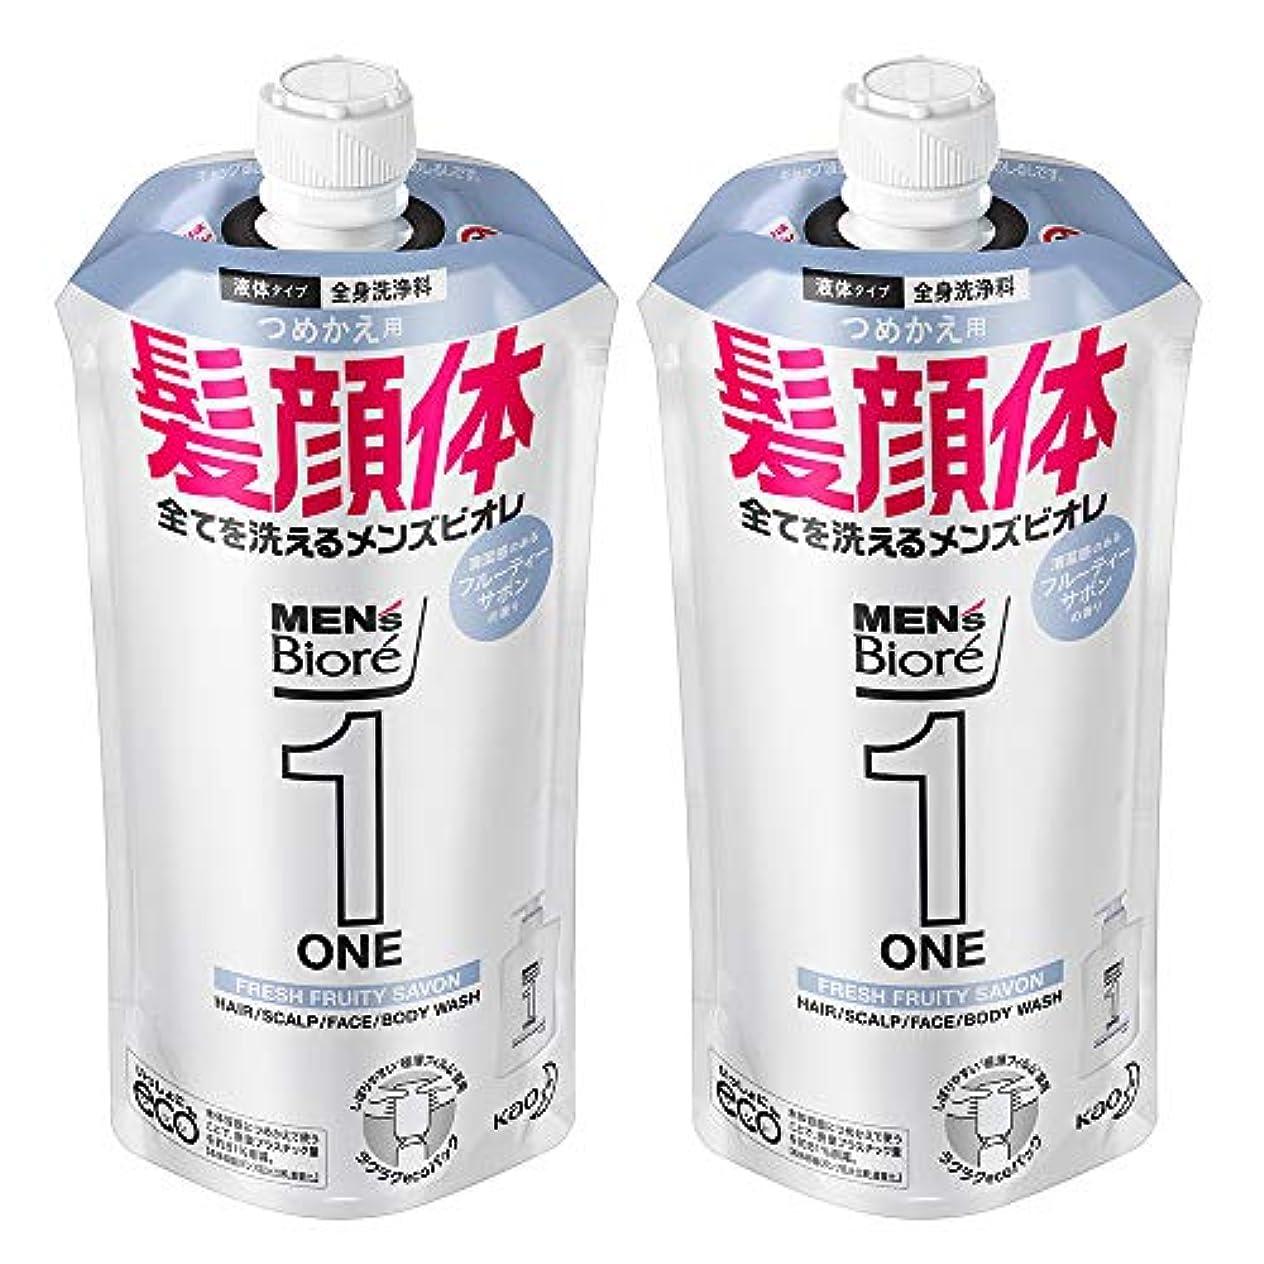 達成可能有効びっくりした【まとめ買い】メンズビオレ ONE オールインワン全身洗浄料 フルーティーサボンの香り つめかえ用 340ml×2個